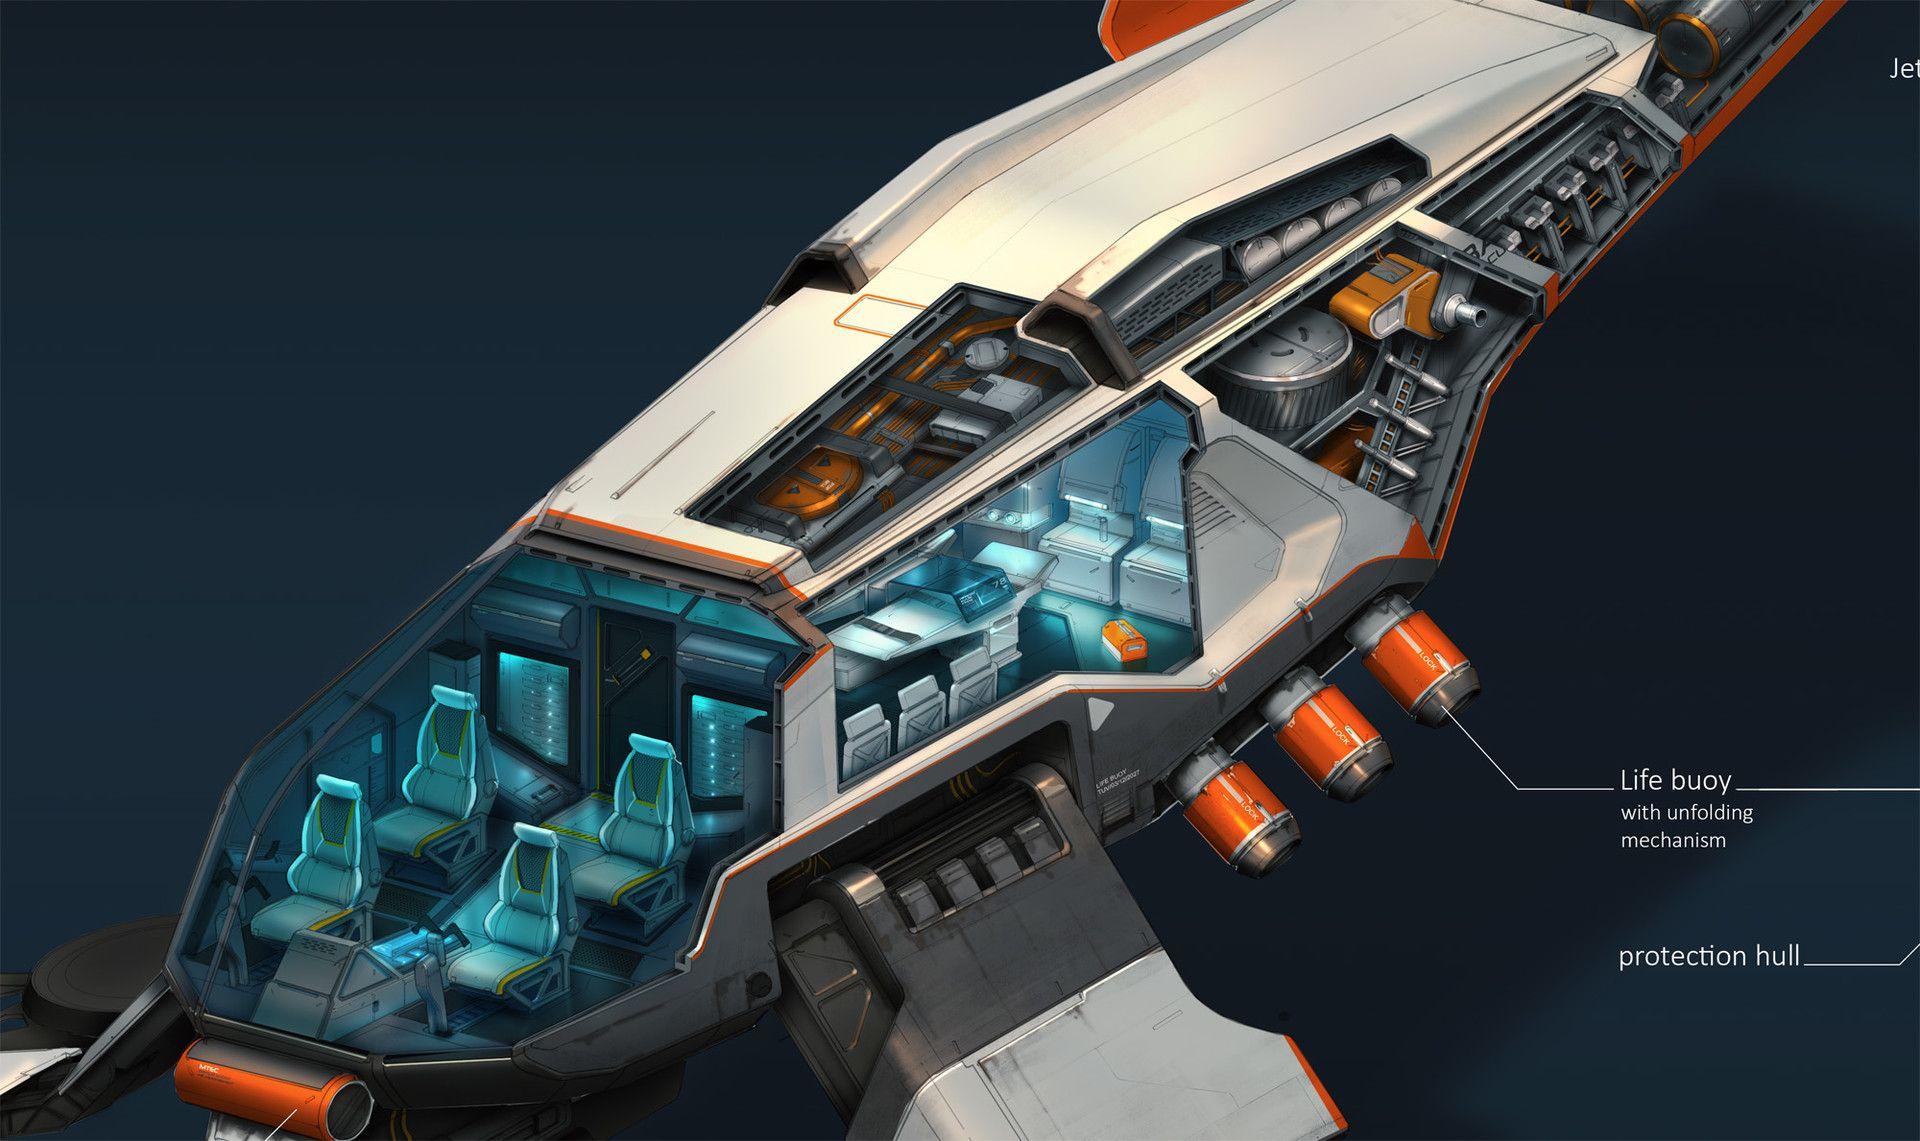 Concept art for Anno 2205